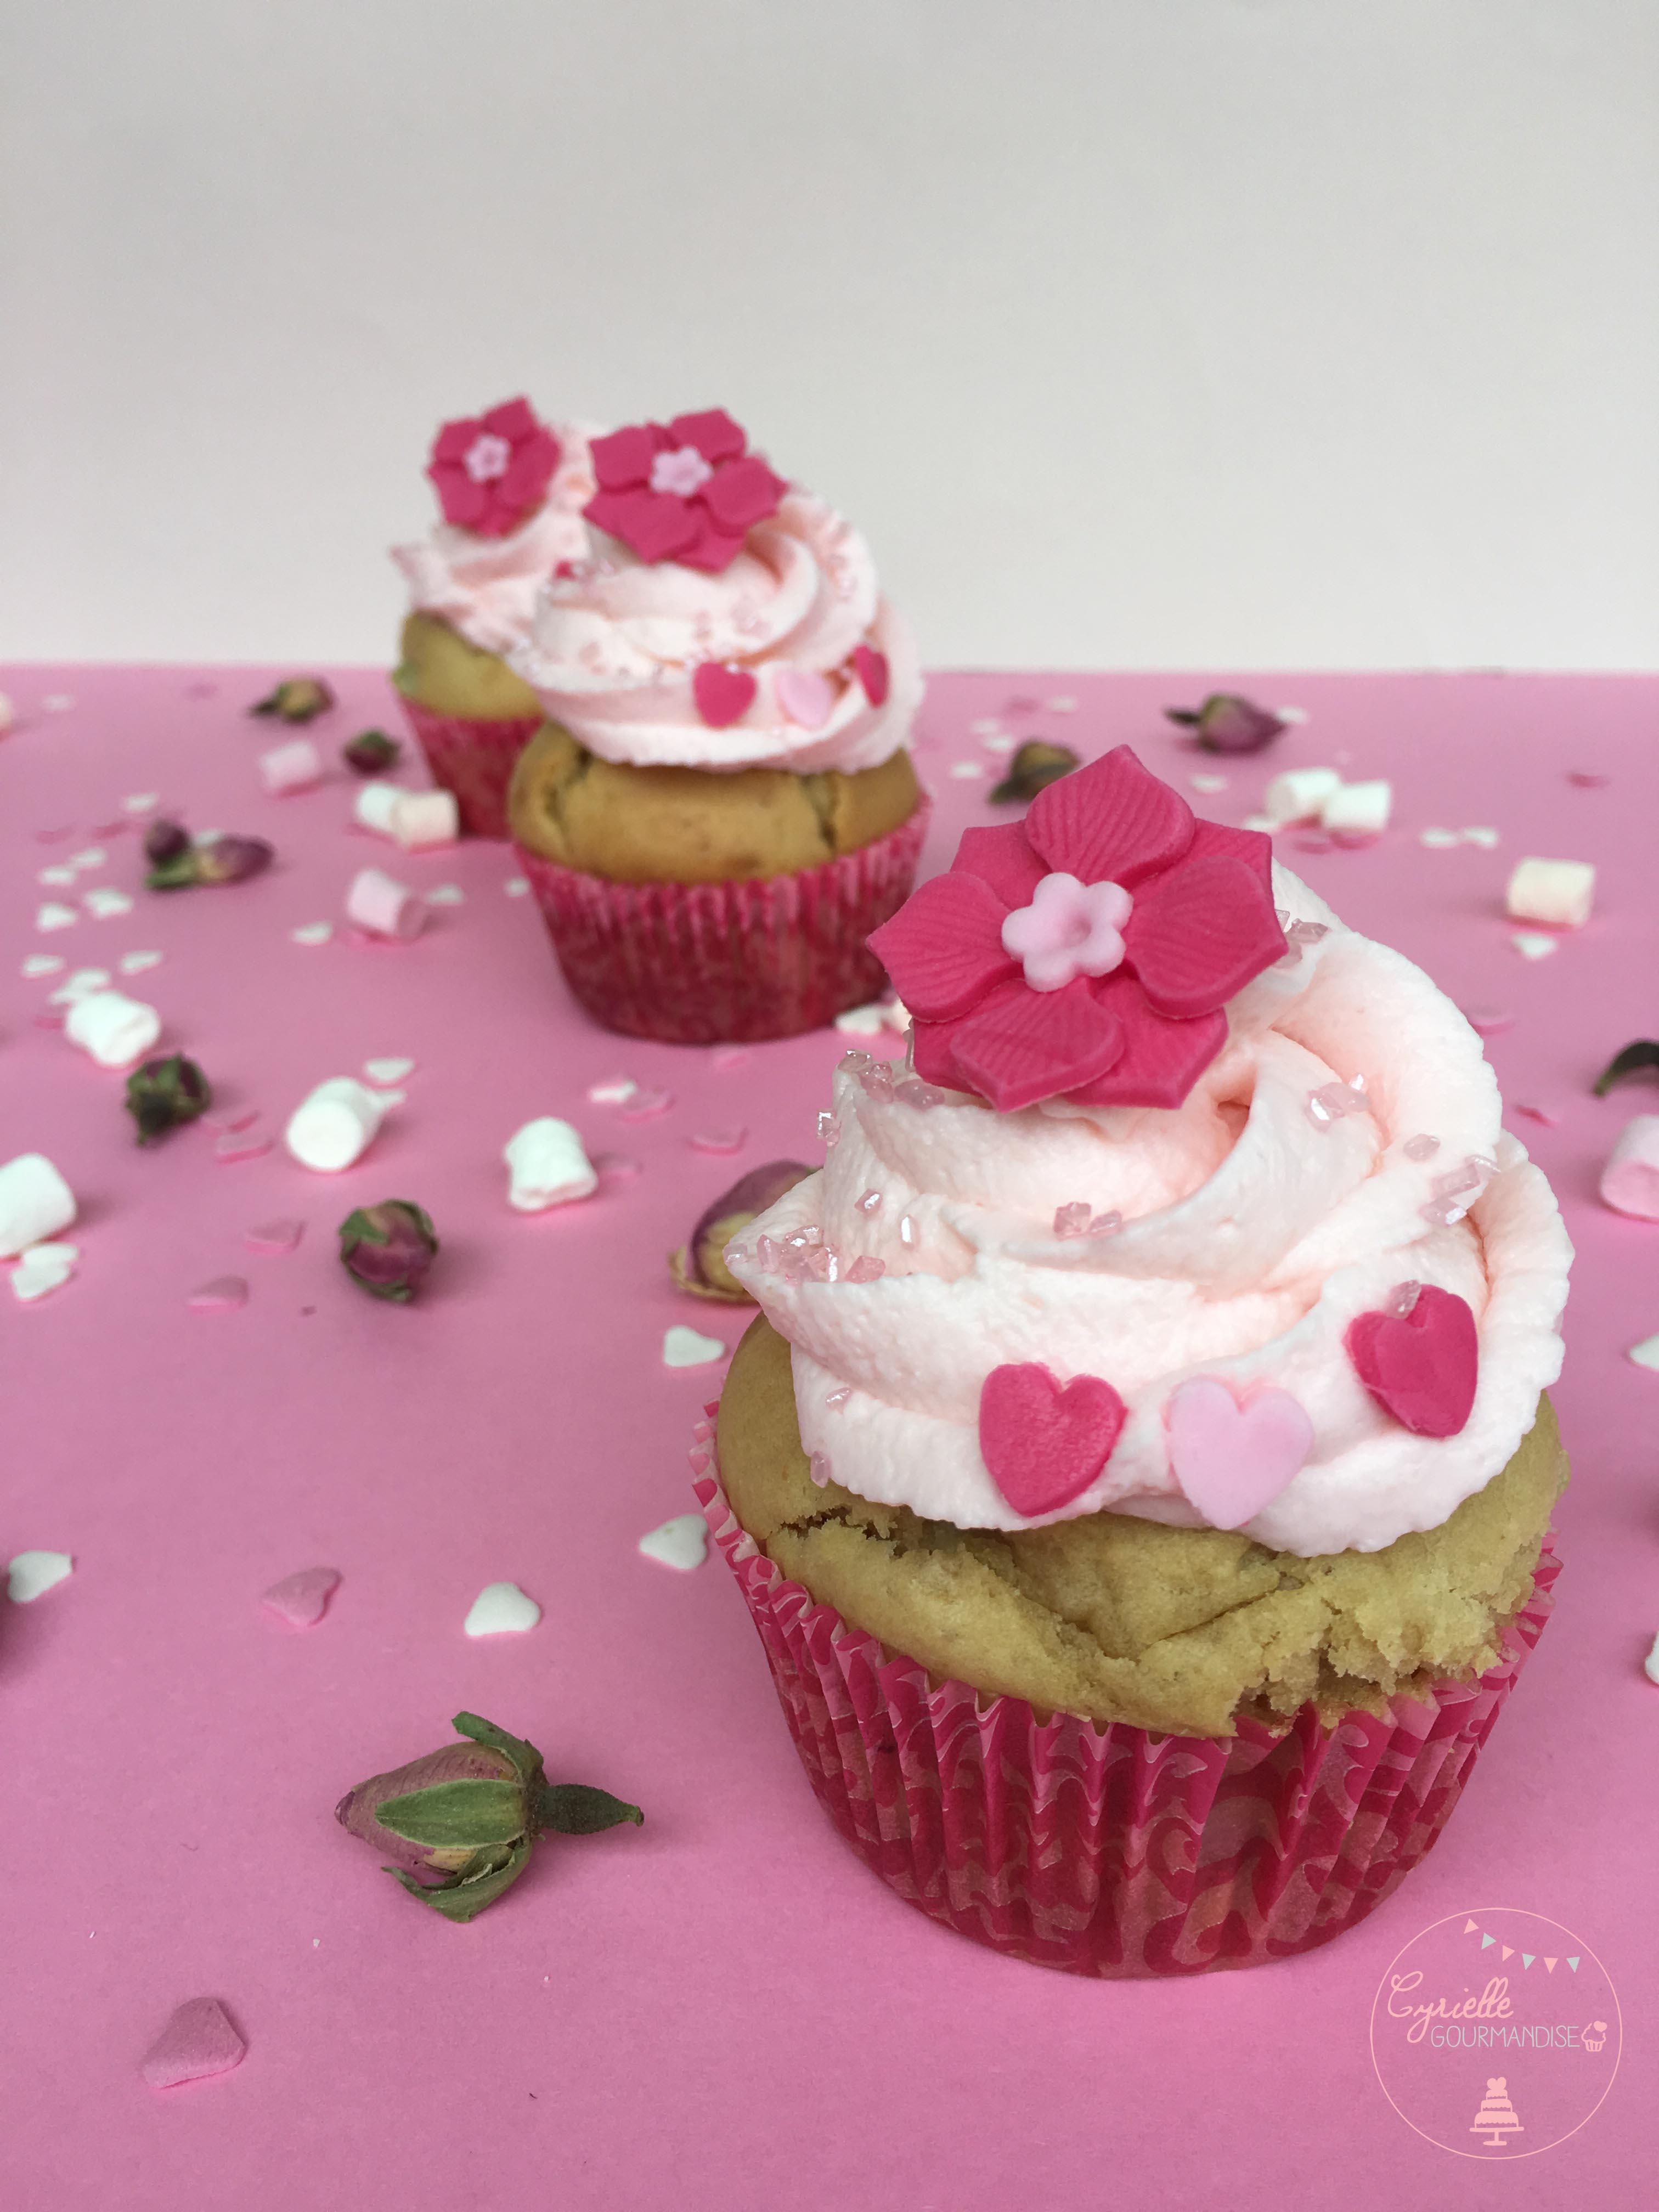 Cupcake rhubarbe rose 7